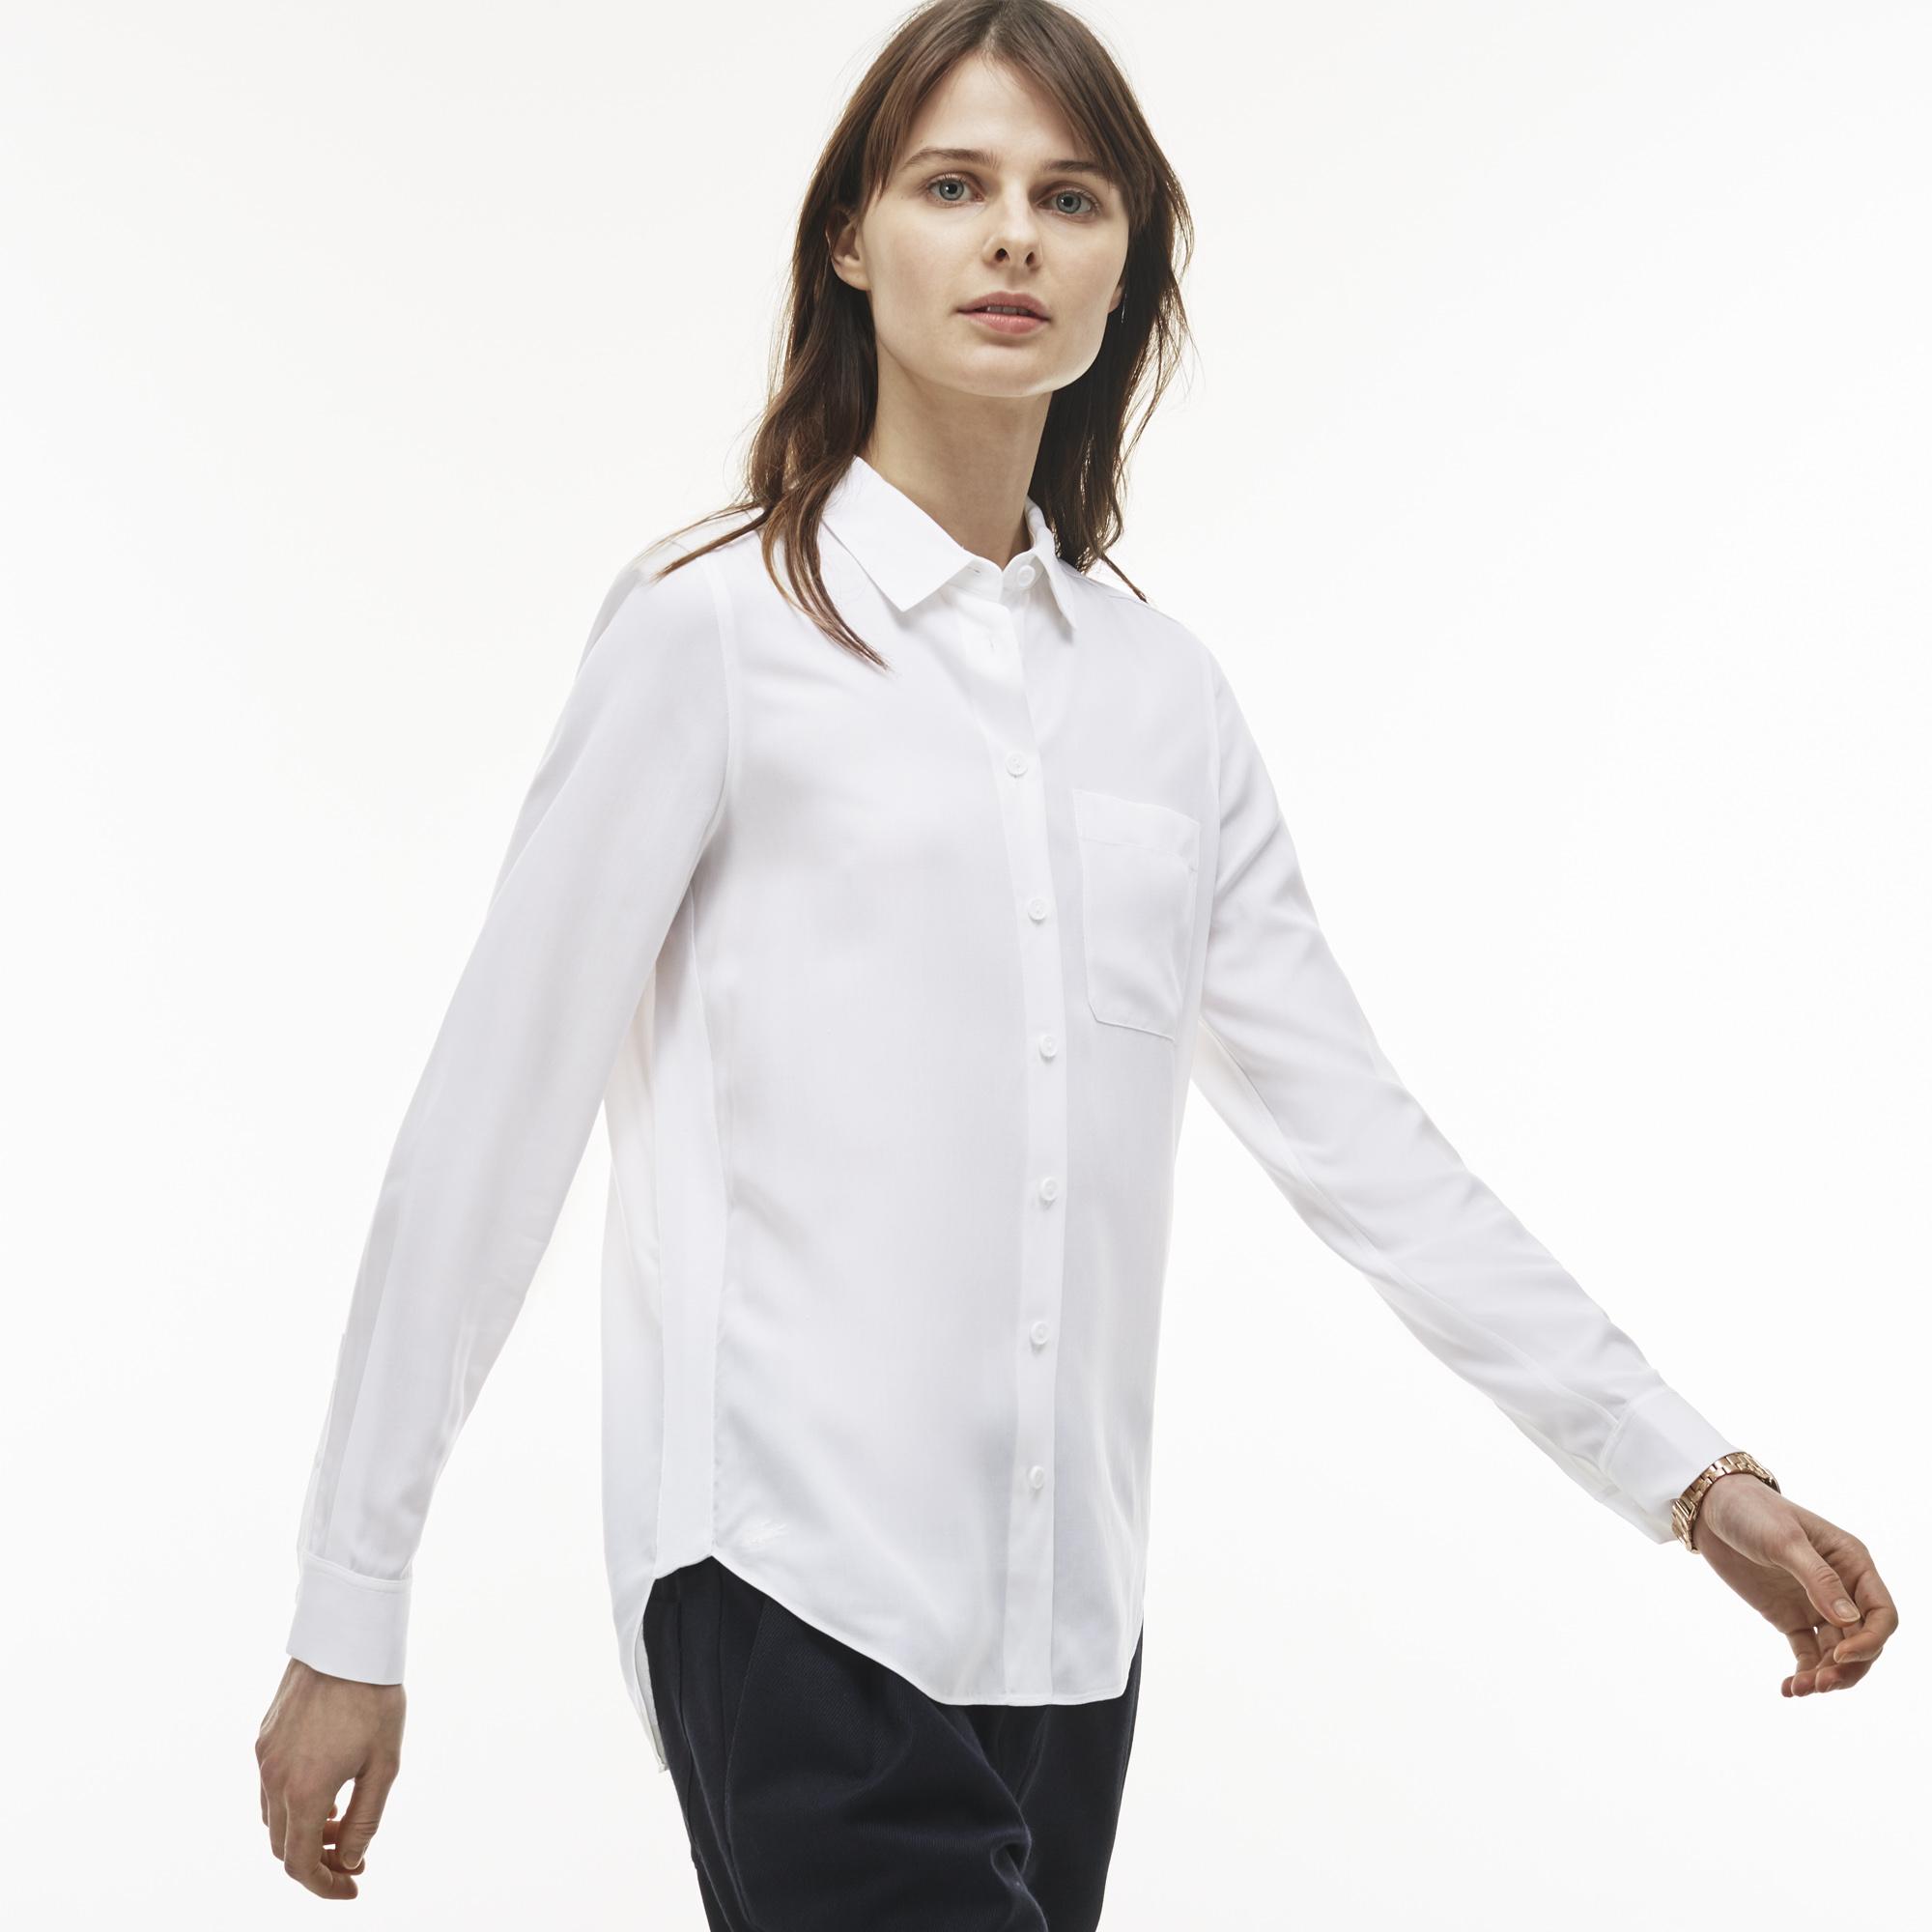 Купить со скидкой Рубашка Lacoste Loose fit